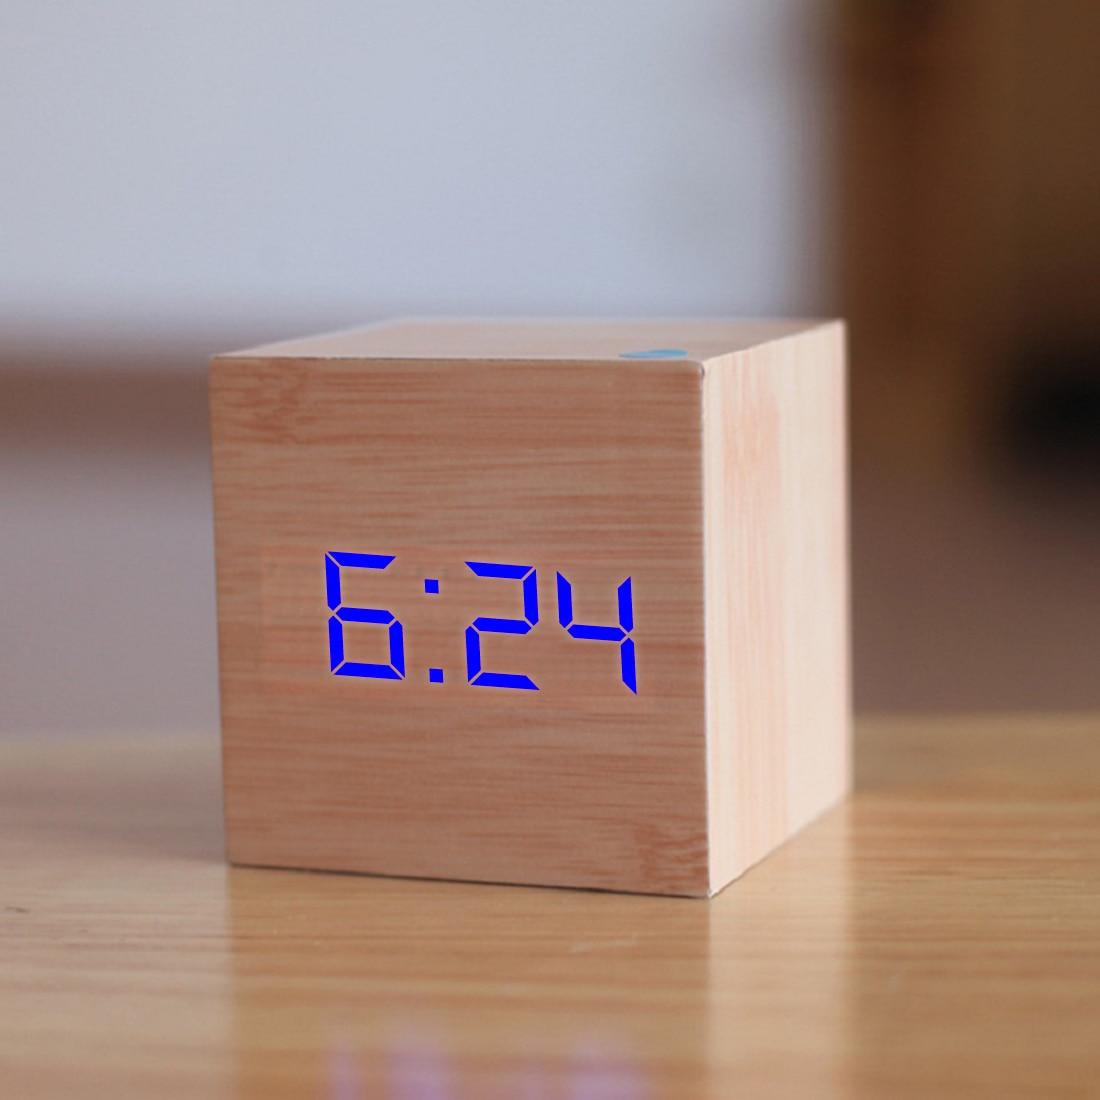 c995b38626e 1 pc Cubo De Controle de Voz Relógio De Madeira USB Bateria Digital LED  Desk Alarm Clock Termômetro Temporizador 6 cm x 6 cm x 6 cm